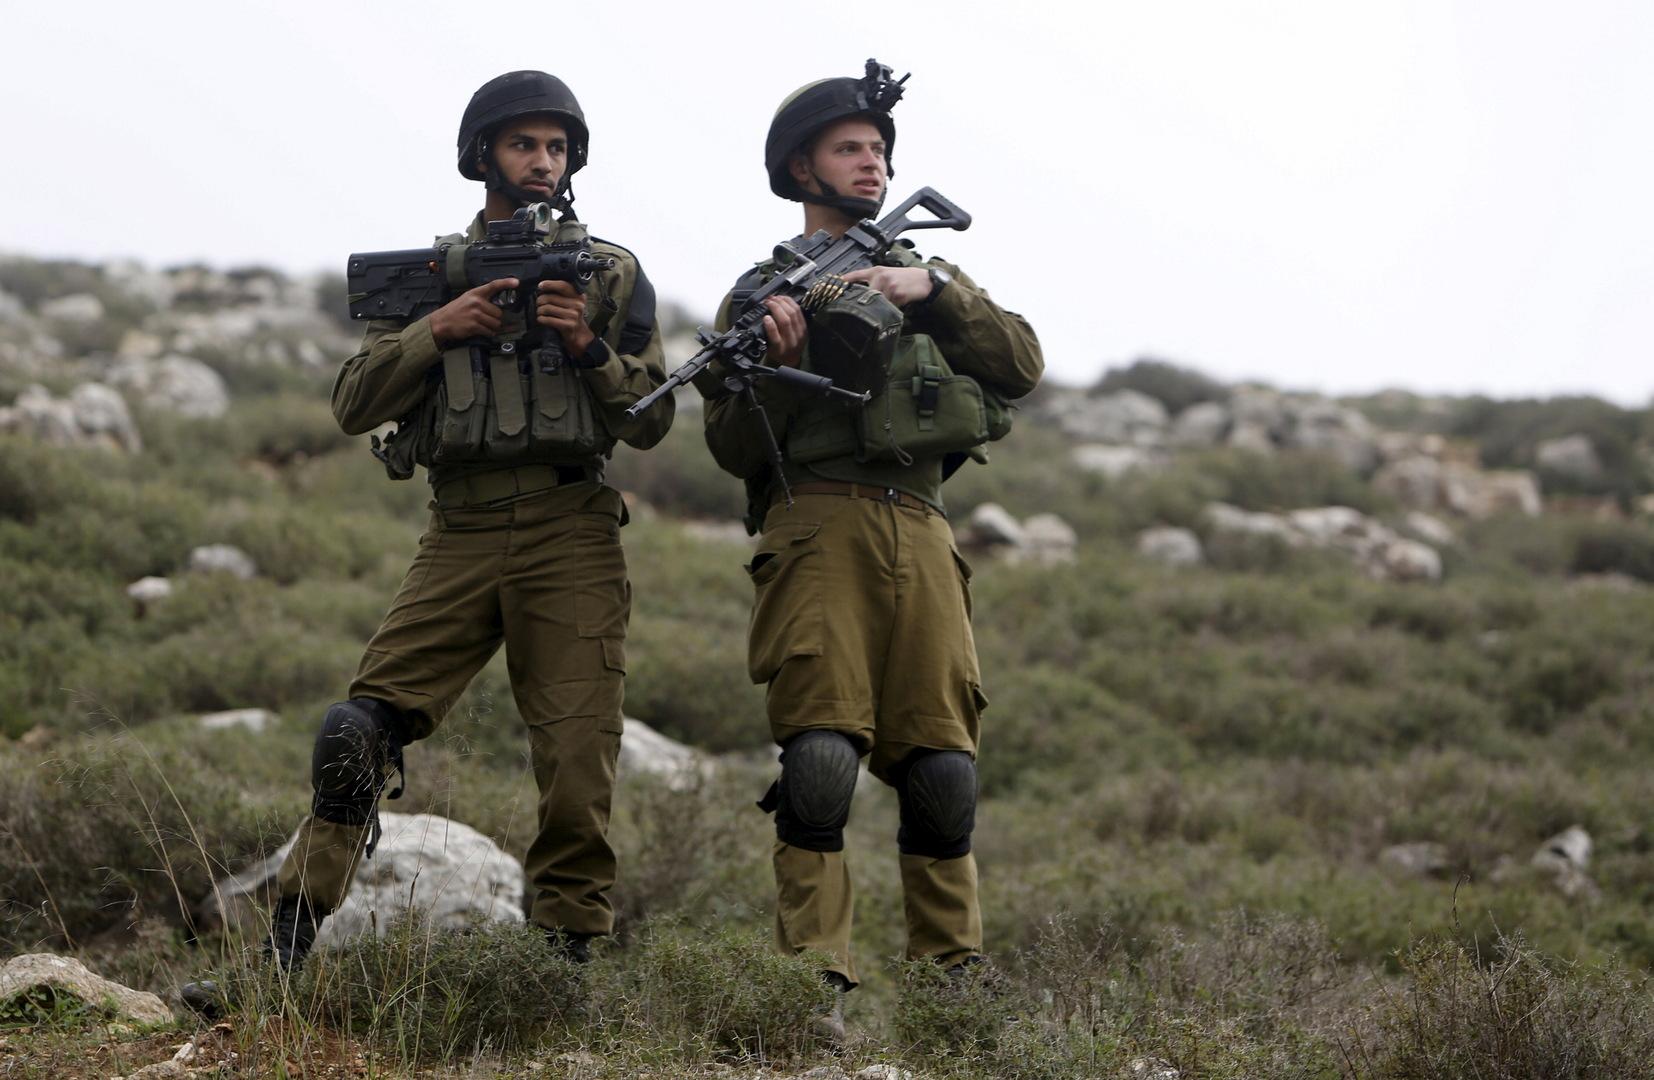 الجيش الإسرائيلي يقتل فلسطينيا بزعم محاولته دهس جنود (صورة)